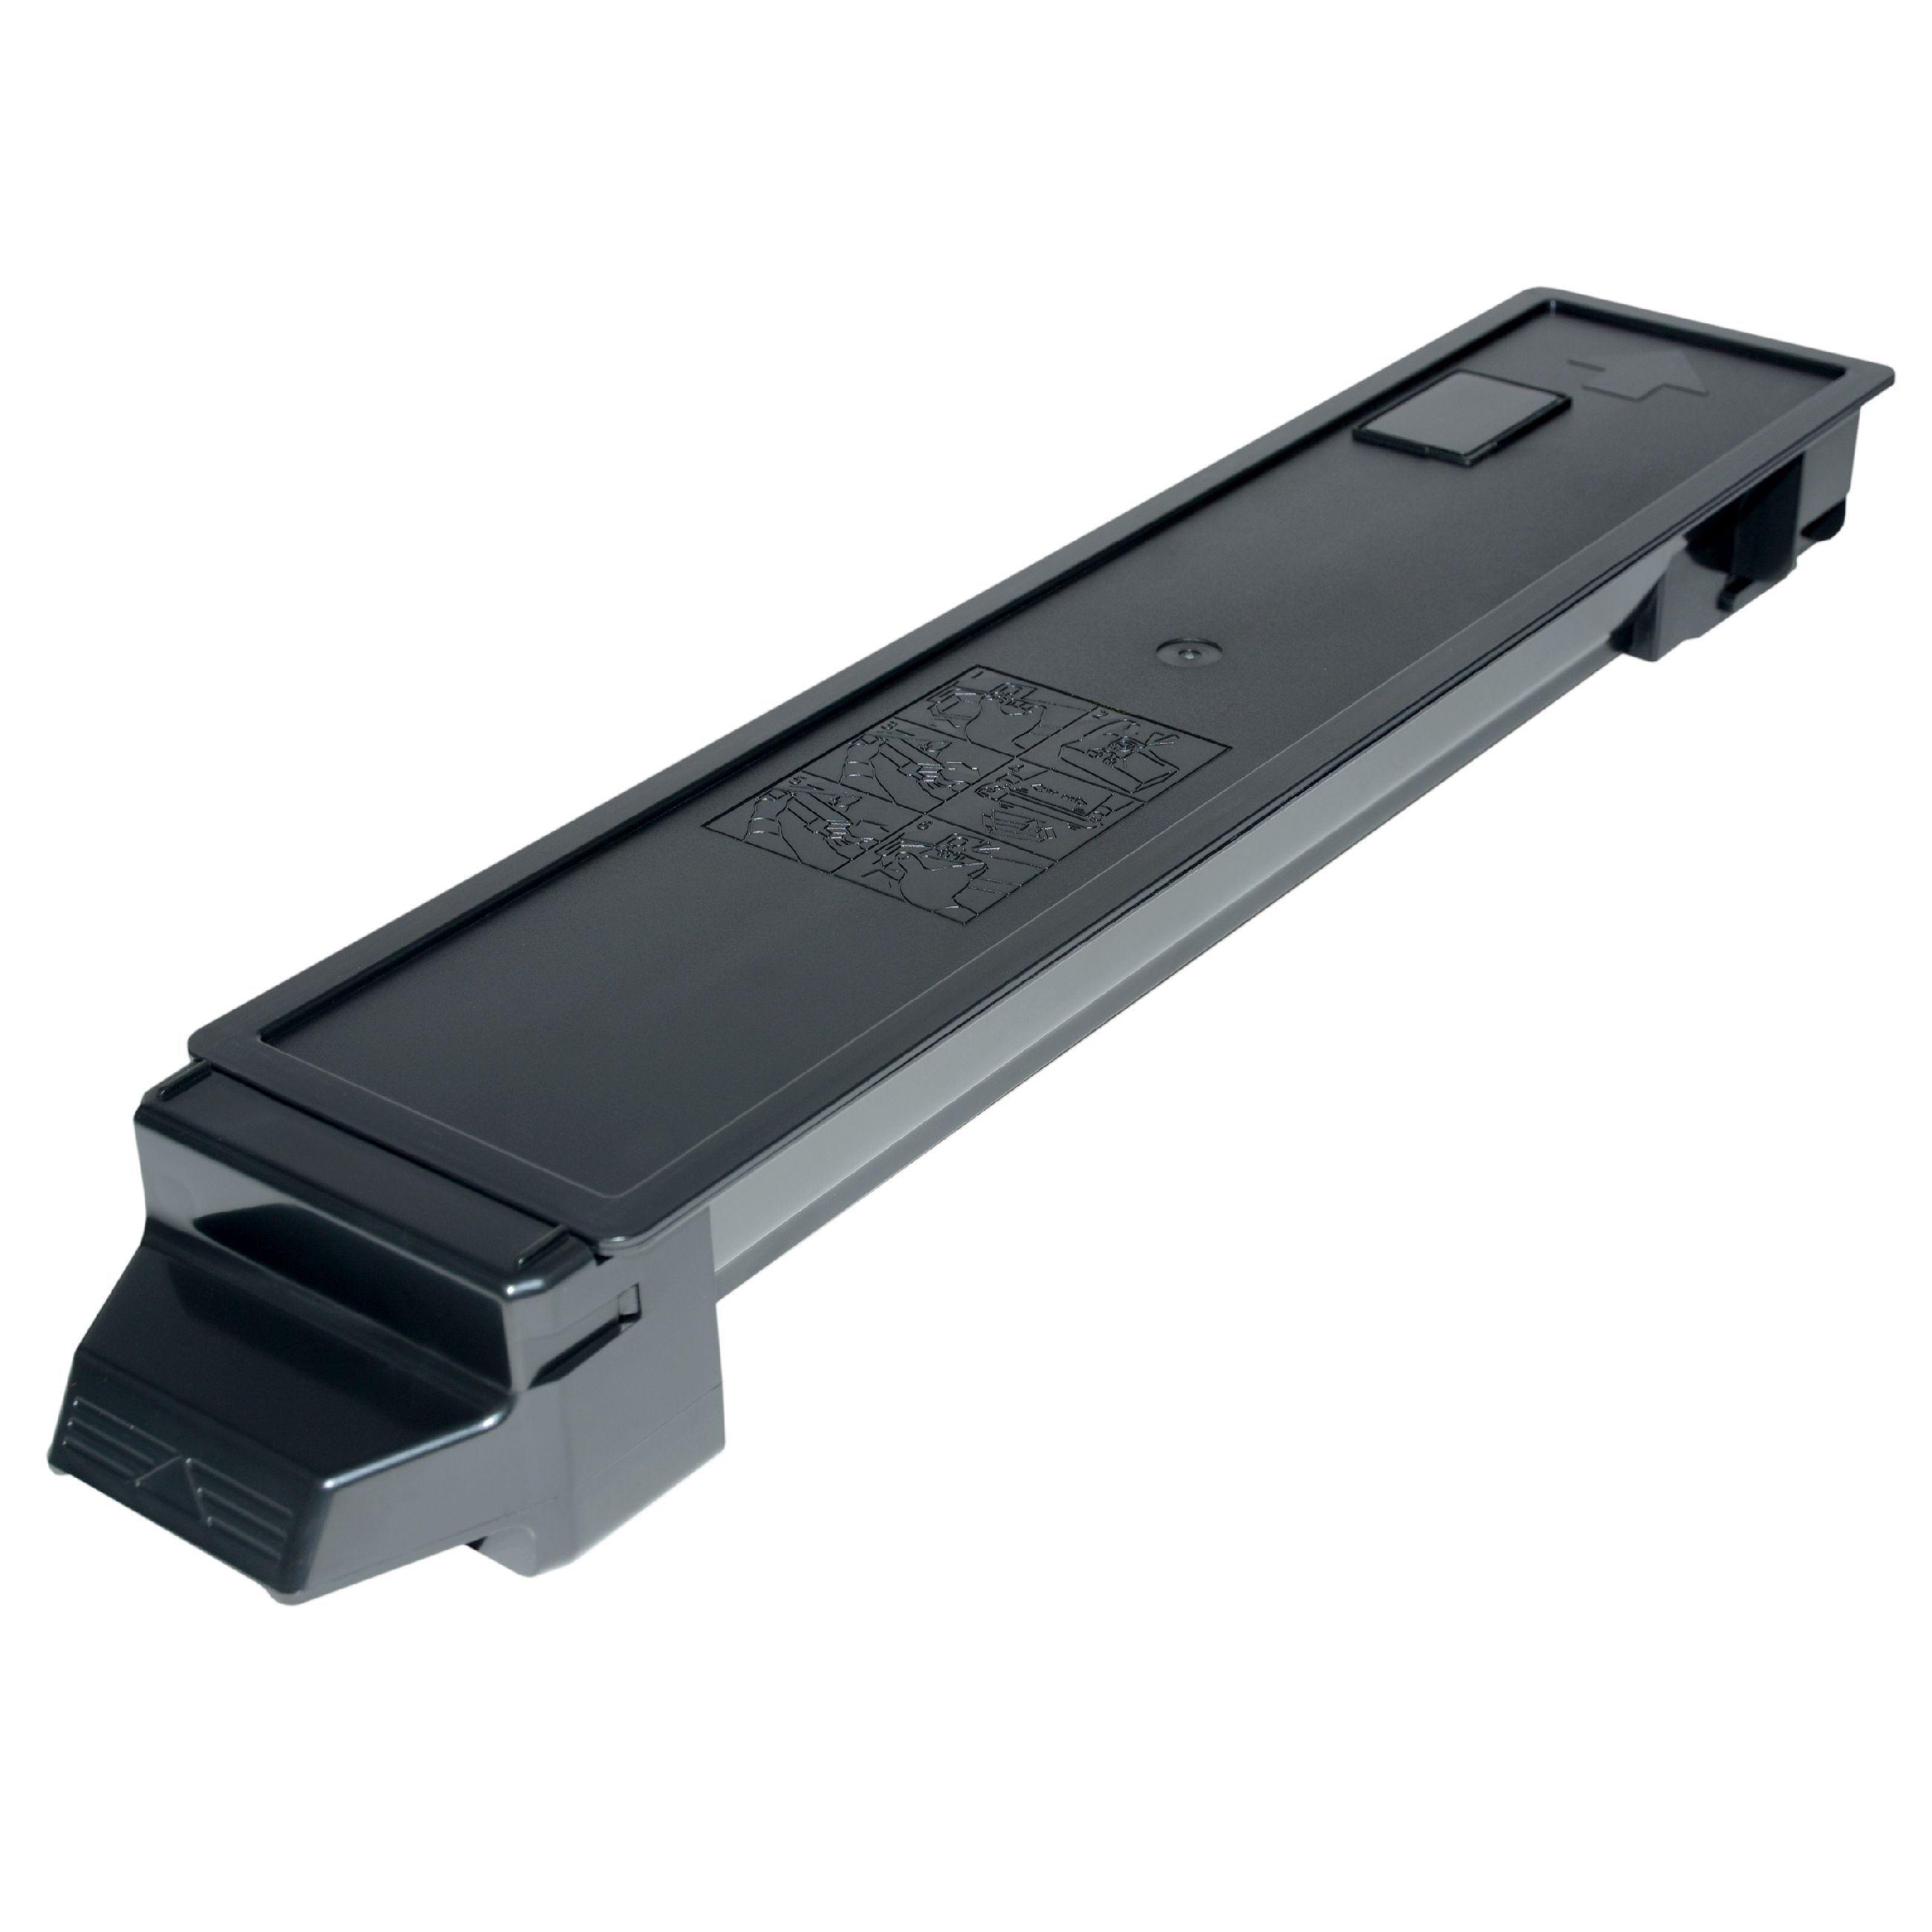 Kyocera Cartouche de Toner pour Kyocera 1T02MV0NL0 / TK-8315 K noir compatible (de marque ASC)